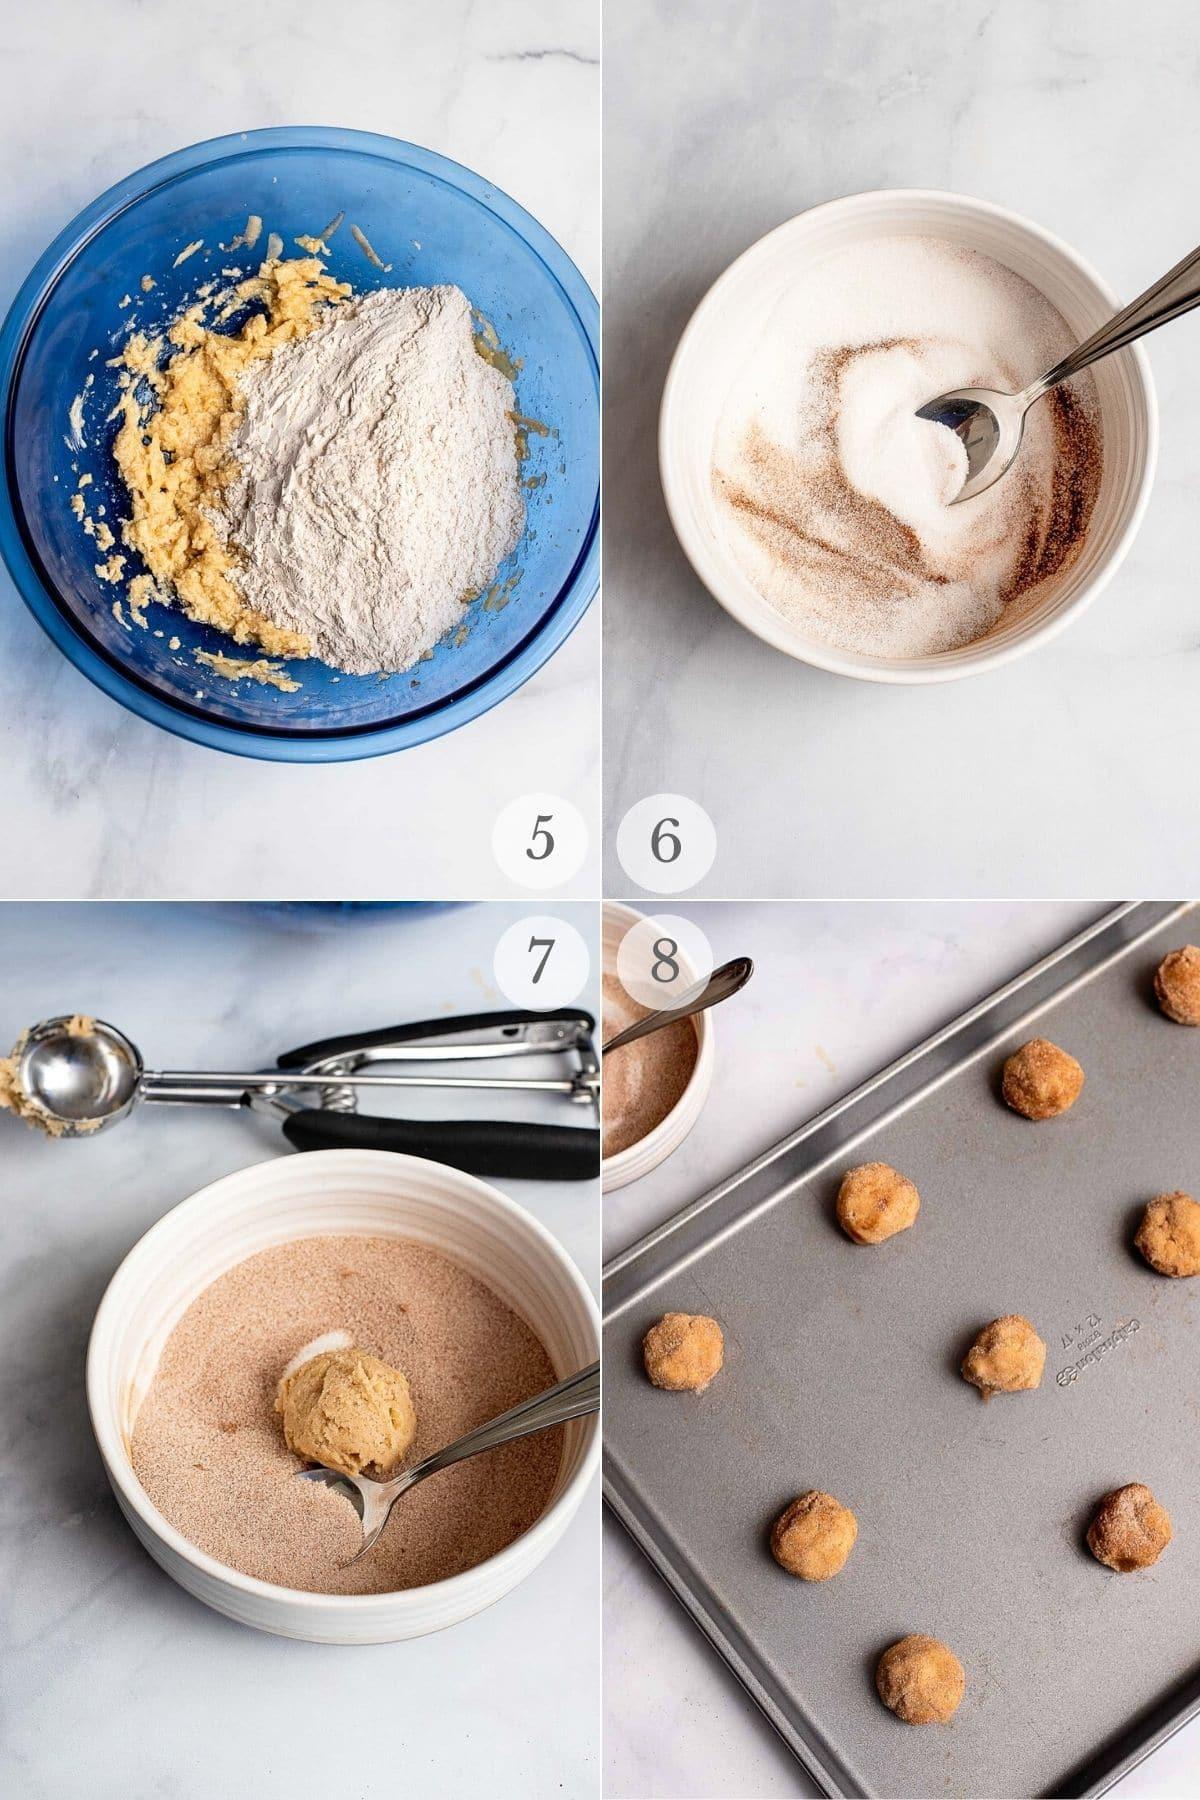 apple cookies recipe steps 5-8